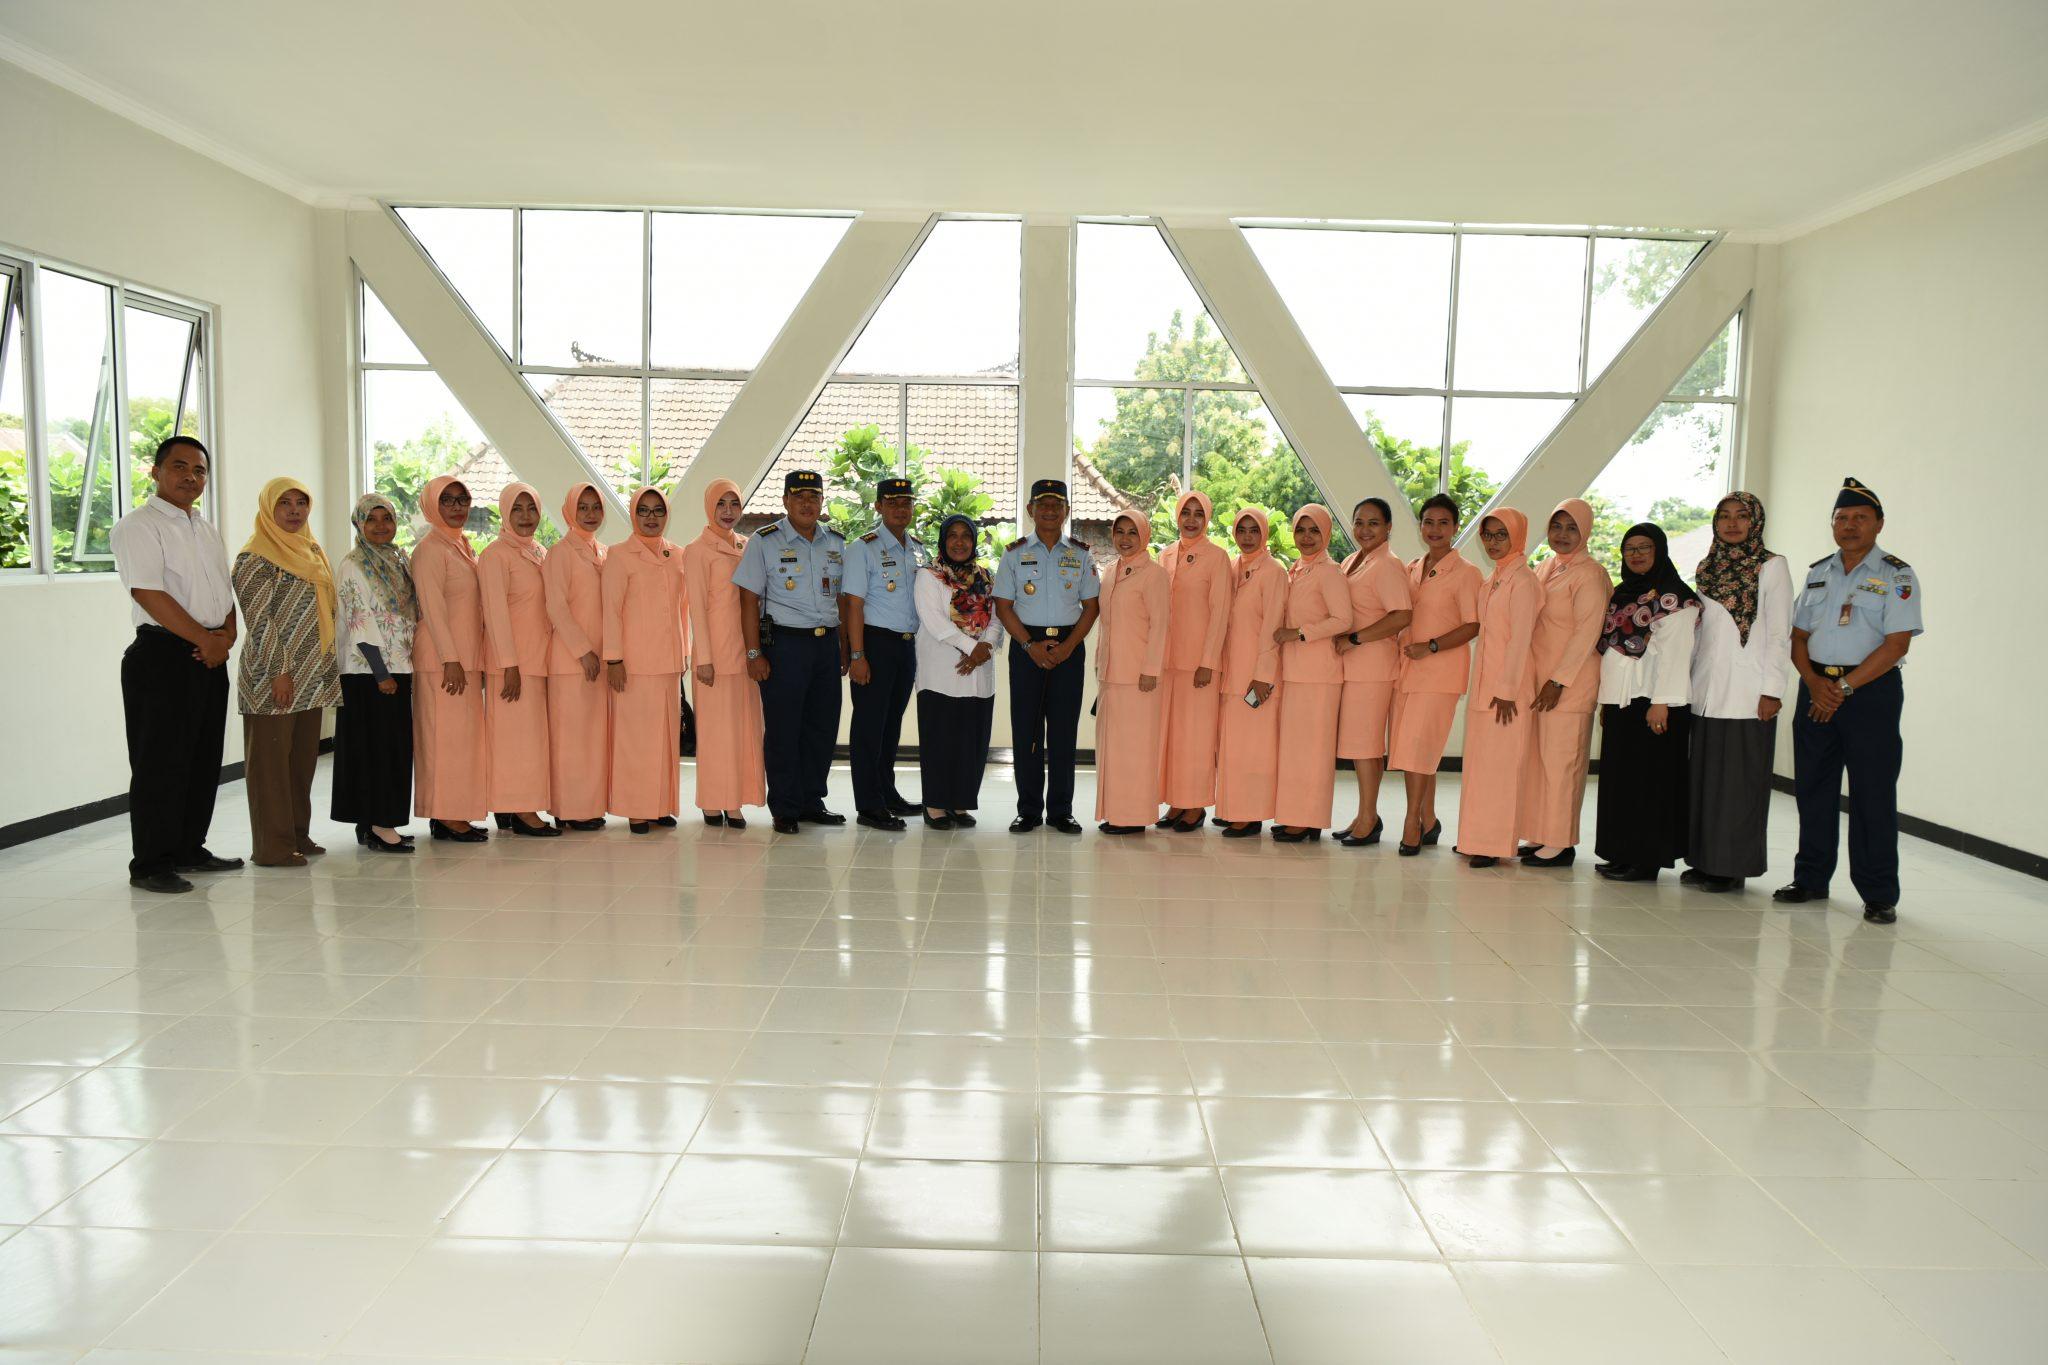 Gedung Baru Perpustakaan dan Ruang Praktek SMK Penerbangan AAG Lanud Adisutjipto diresmikan